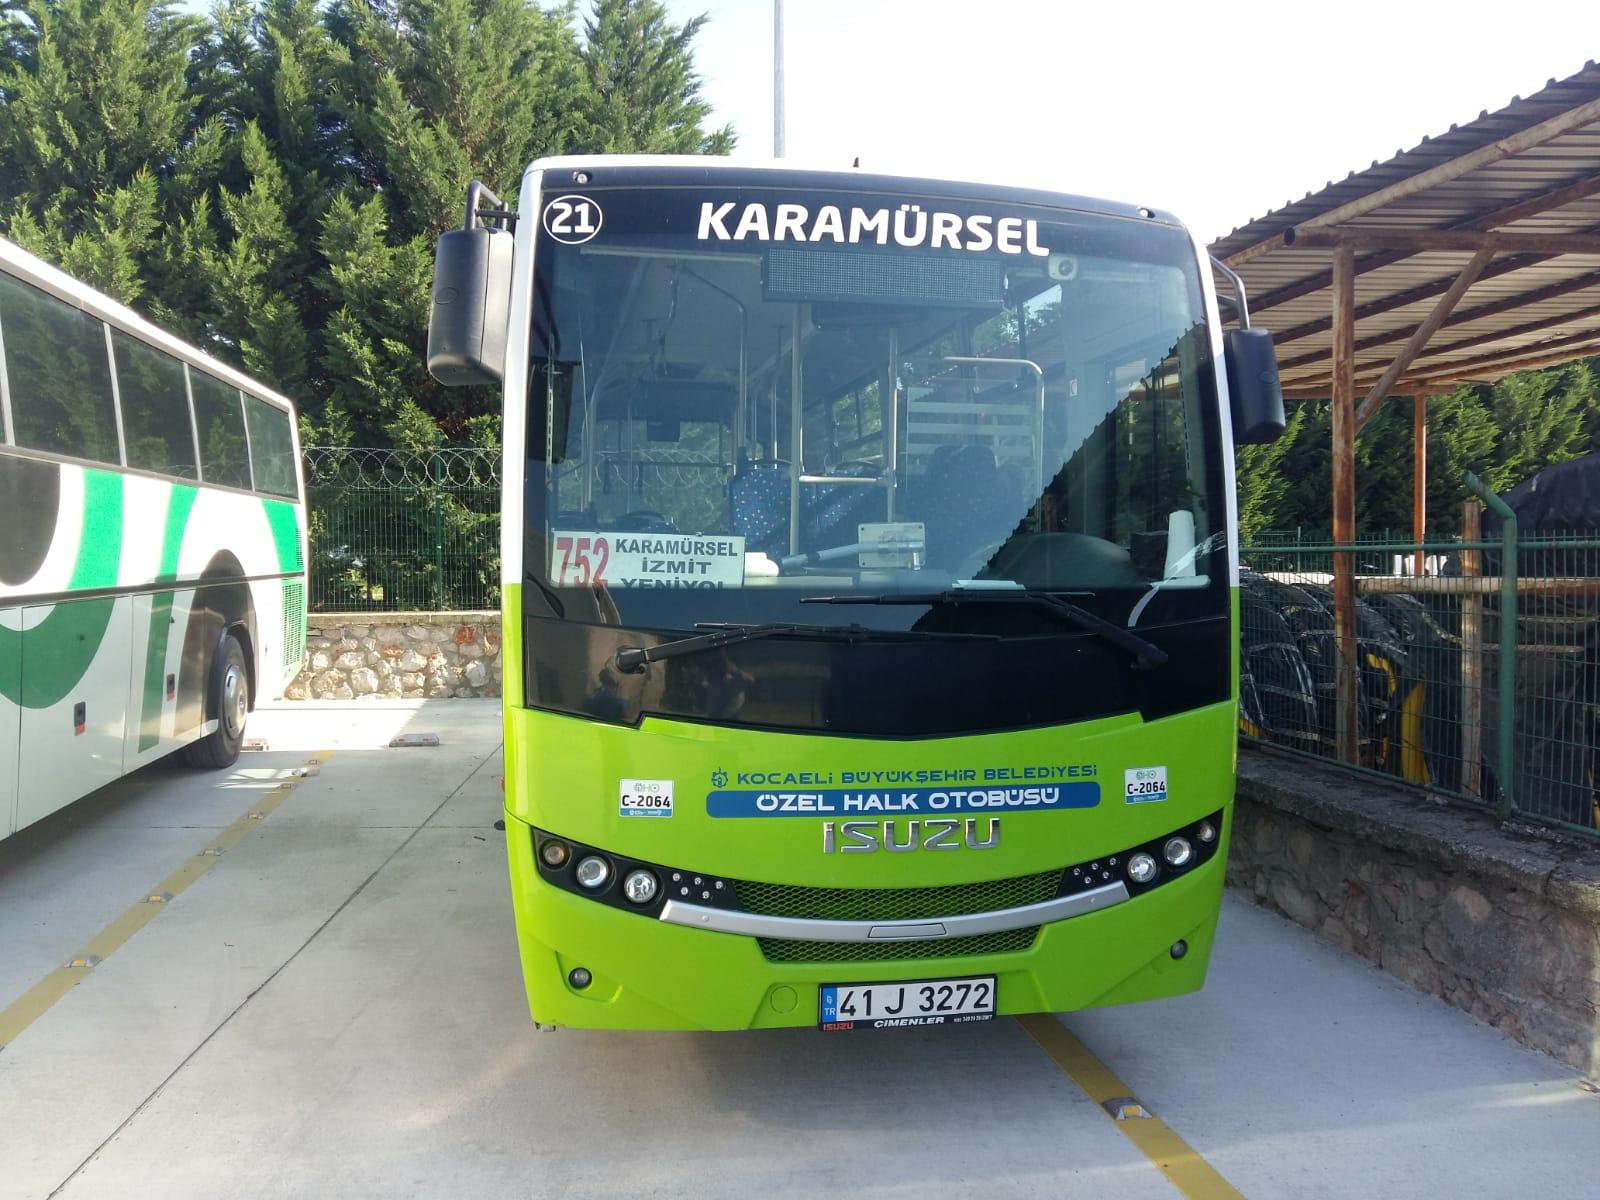 Toplu Taşıma Esnafı Nefes Aldı5.6 Milyon TL'lik Son Taksit Hesaplarına Yatırıldı